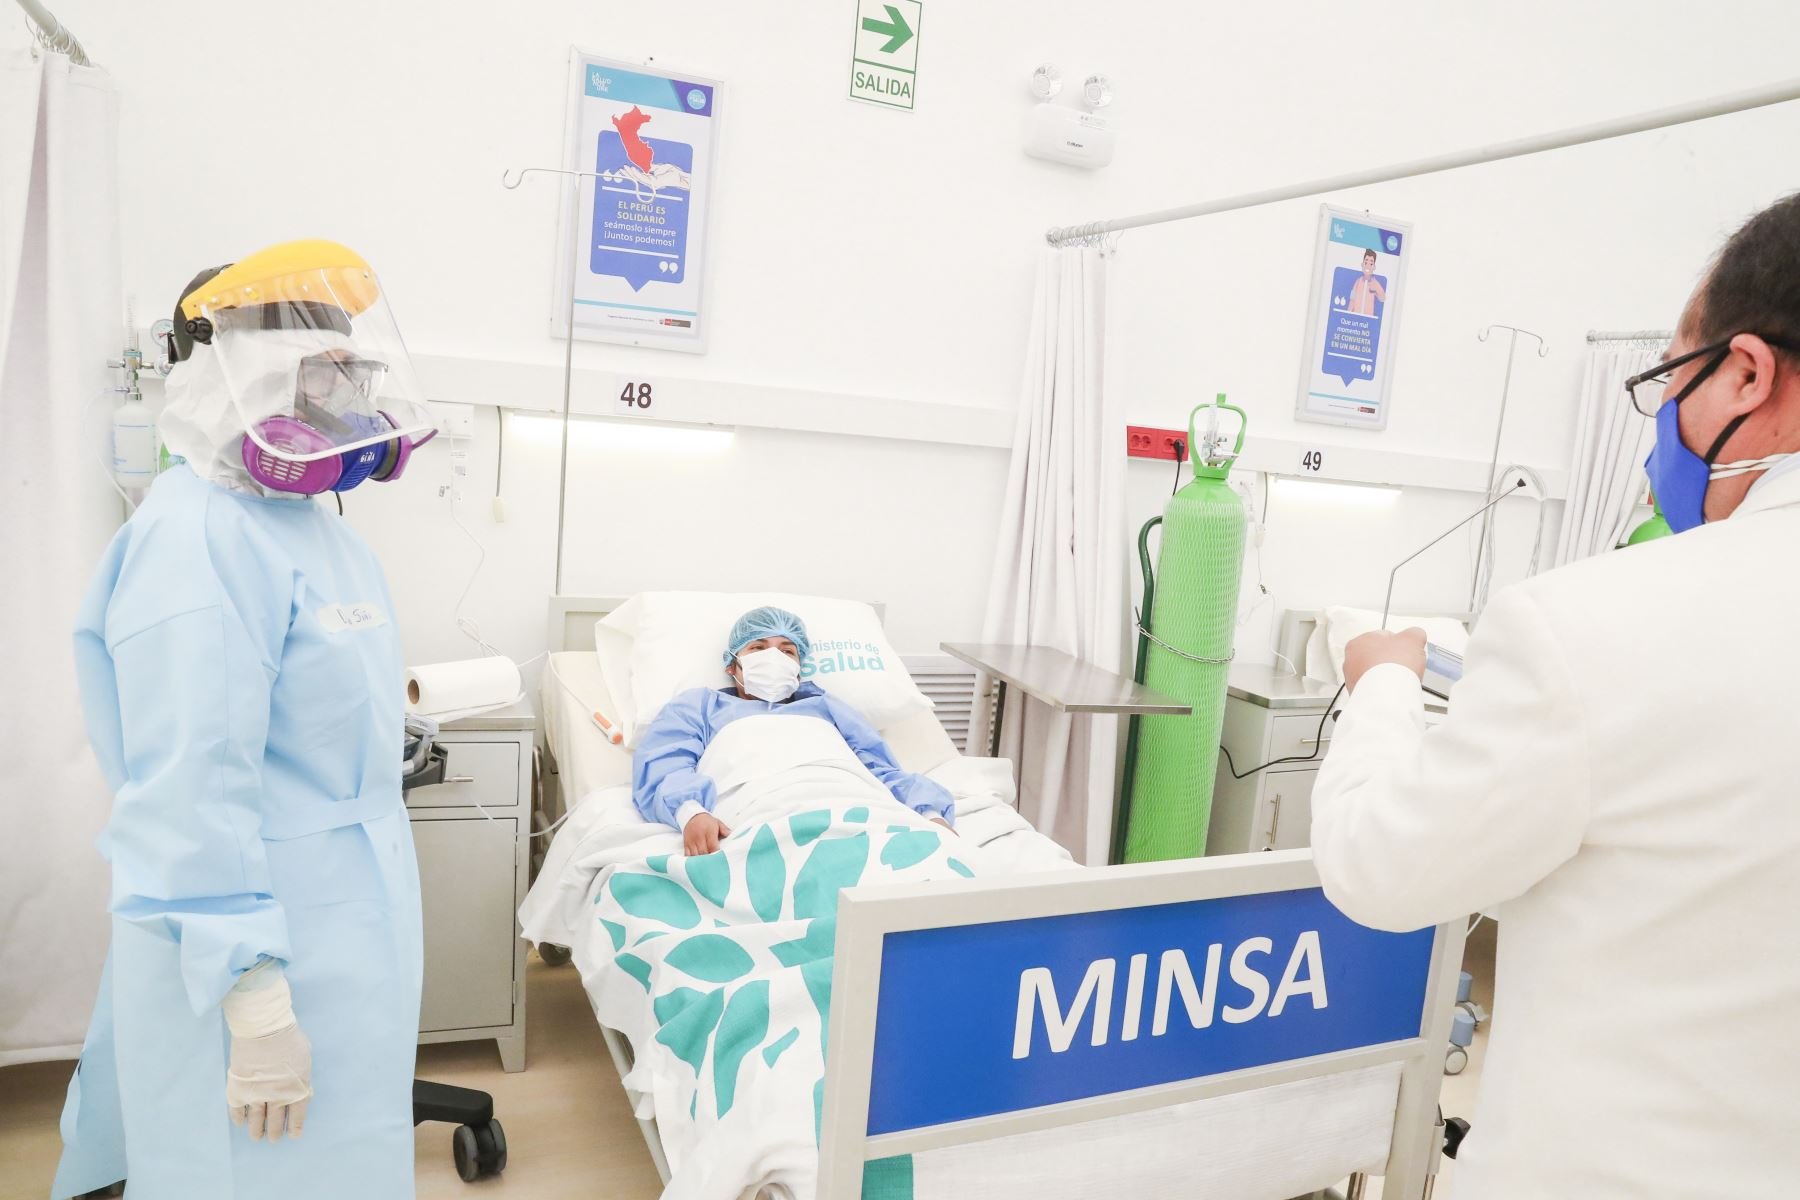 El número de contagios por covid-19 aumentó de ayer (29 de setiembre) a hoy en 2,861 casos, informó el Minsa. Foto: ANDINA/Prensa Presidencia